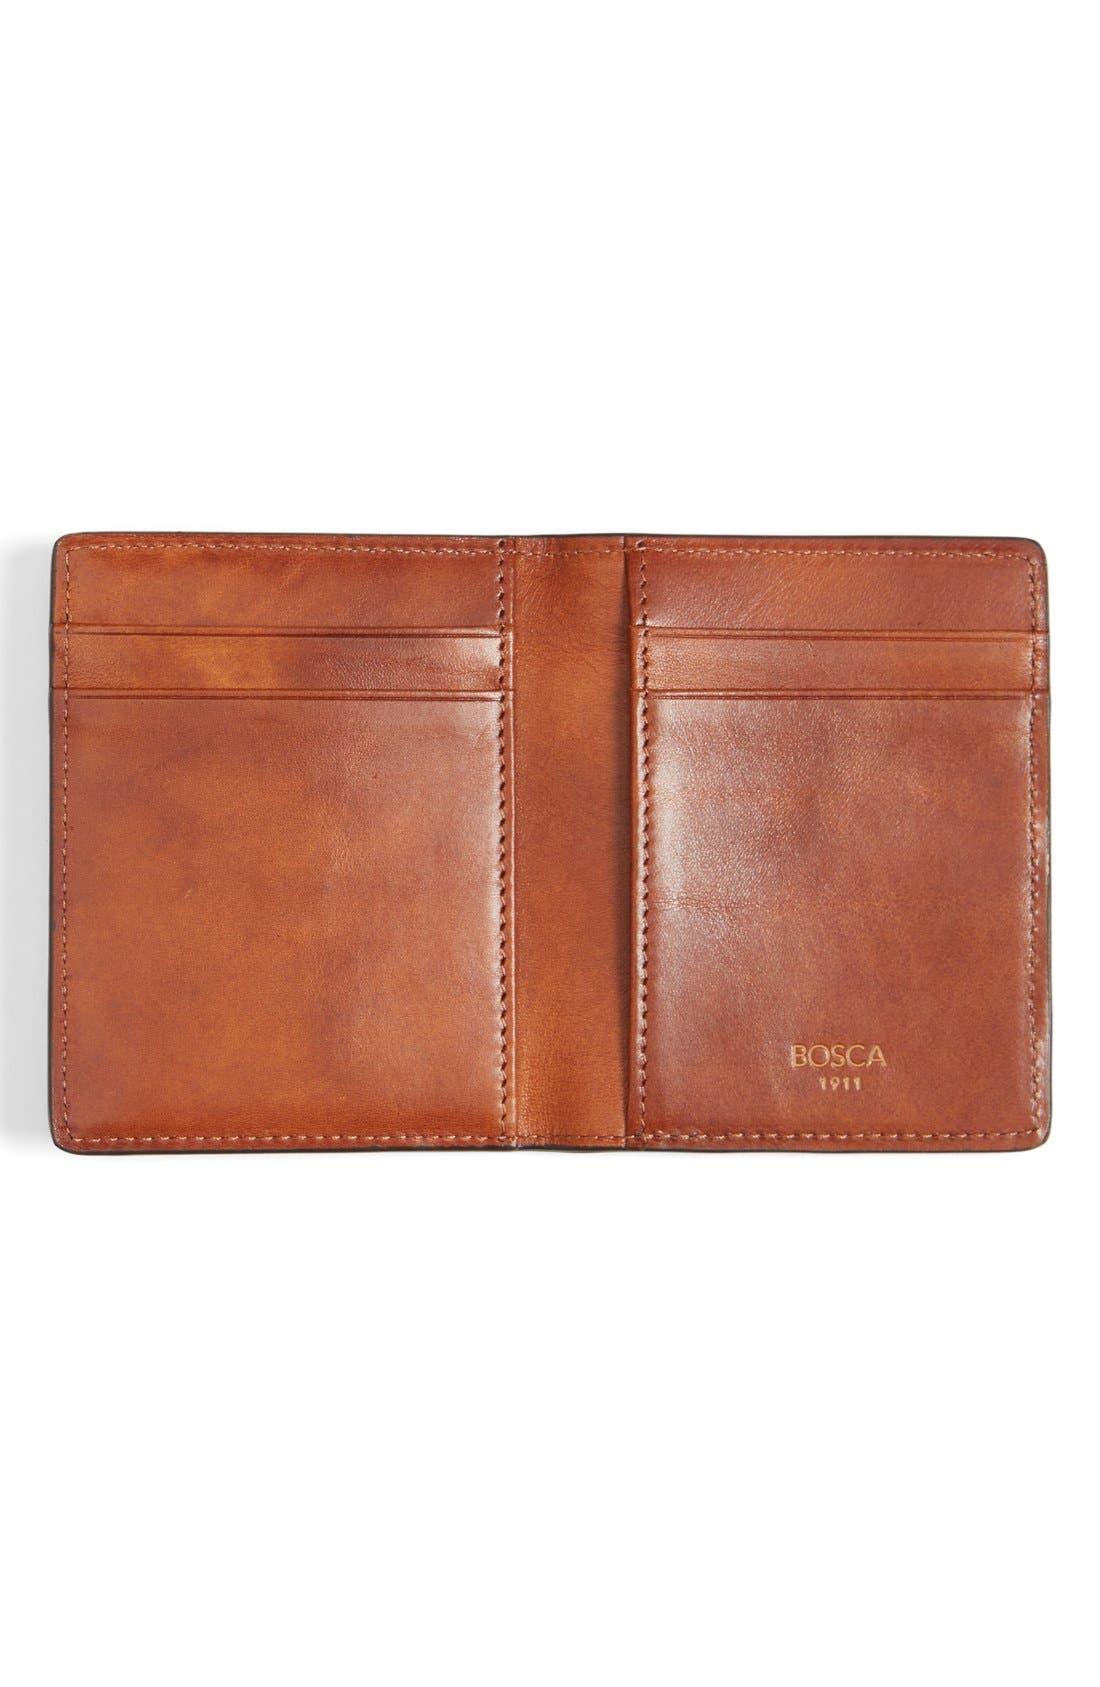 Alternate Image 2  - Bosca Leather Front Pocket Money Clip Wallet